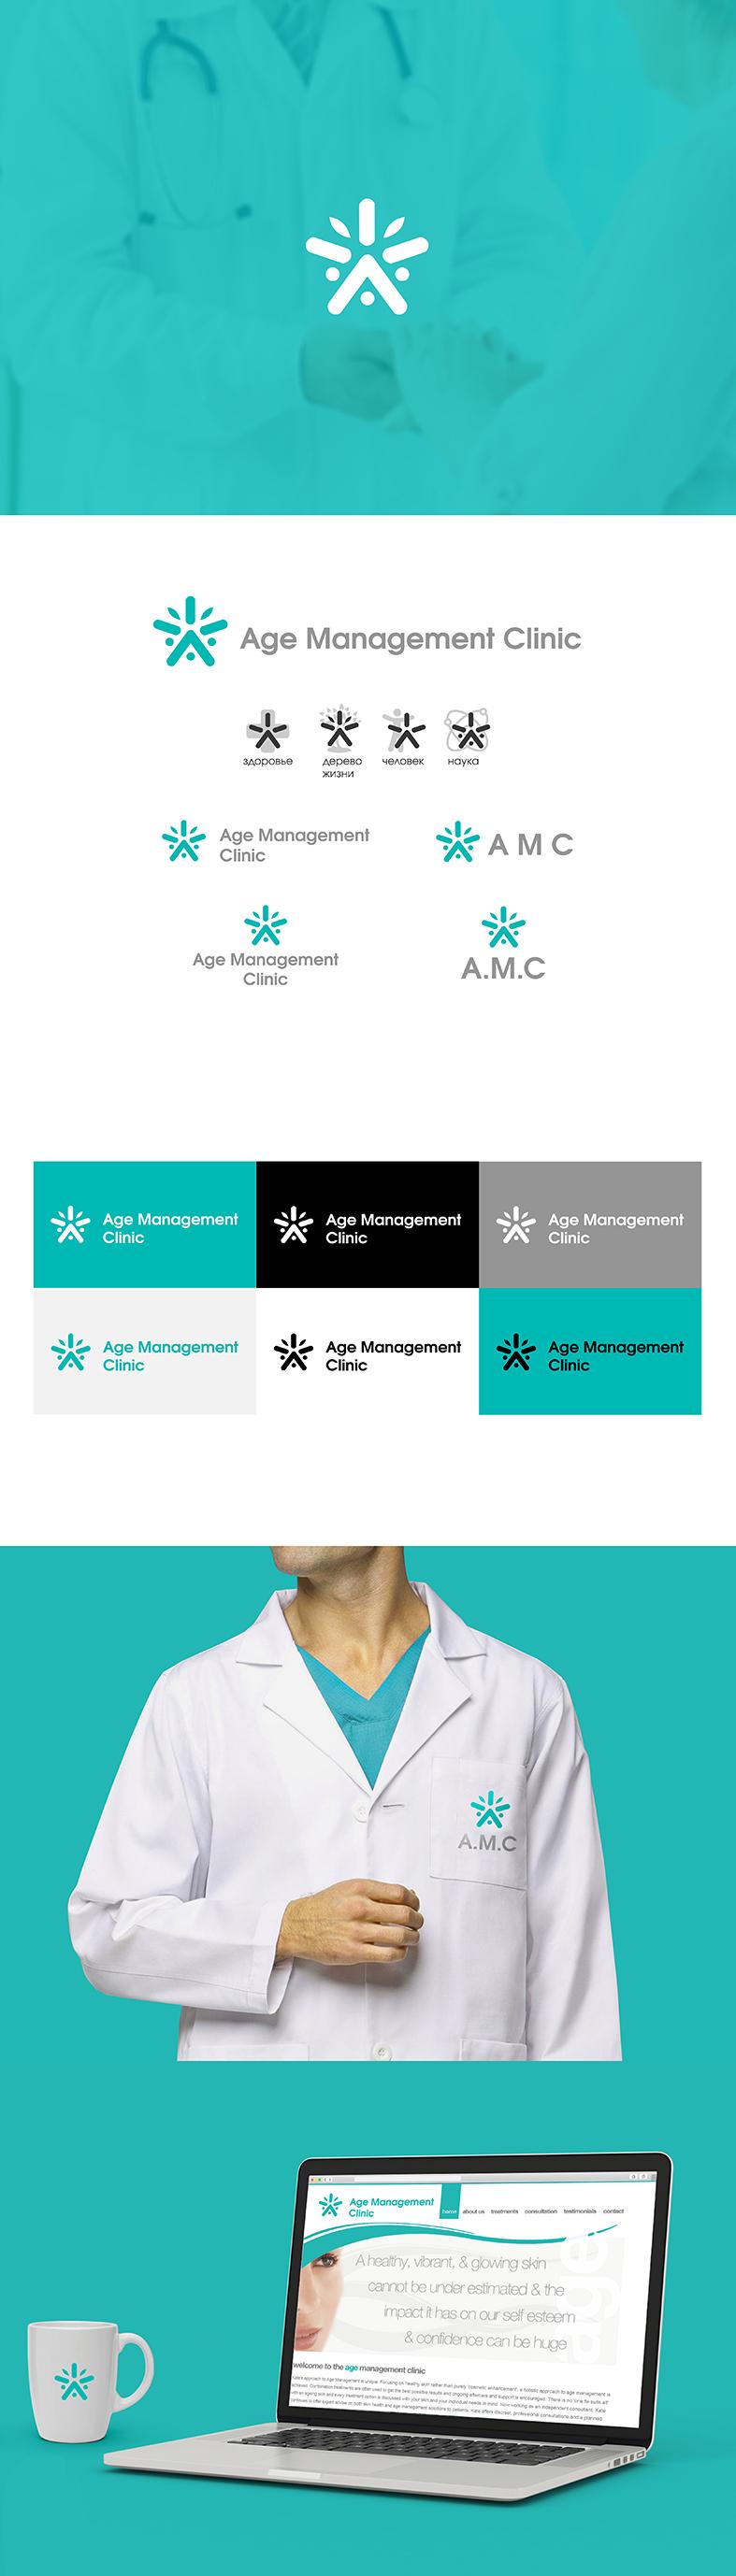 Логотип для медицинского центра (клиники)  фото f_7855b9f7b9127901.jpg